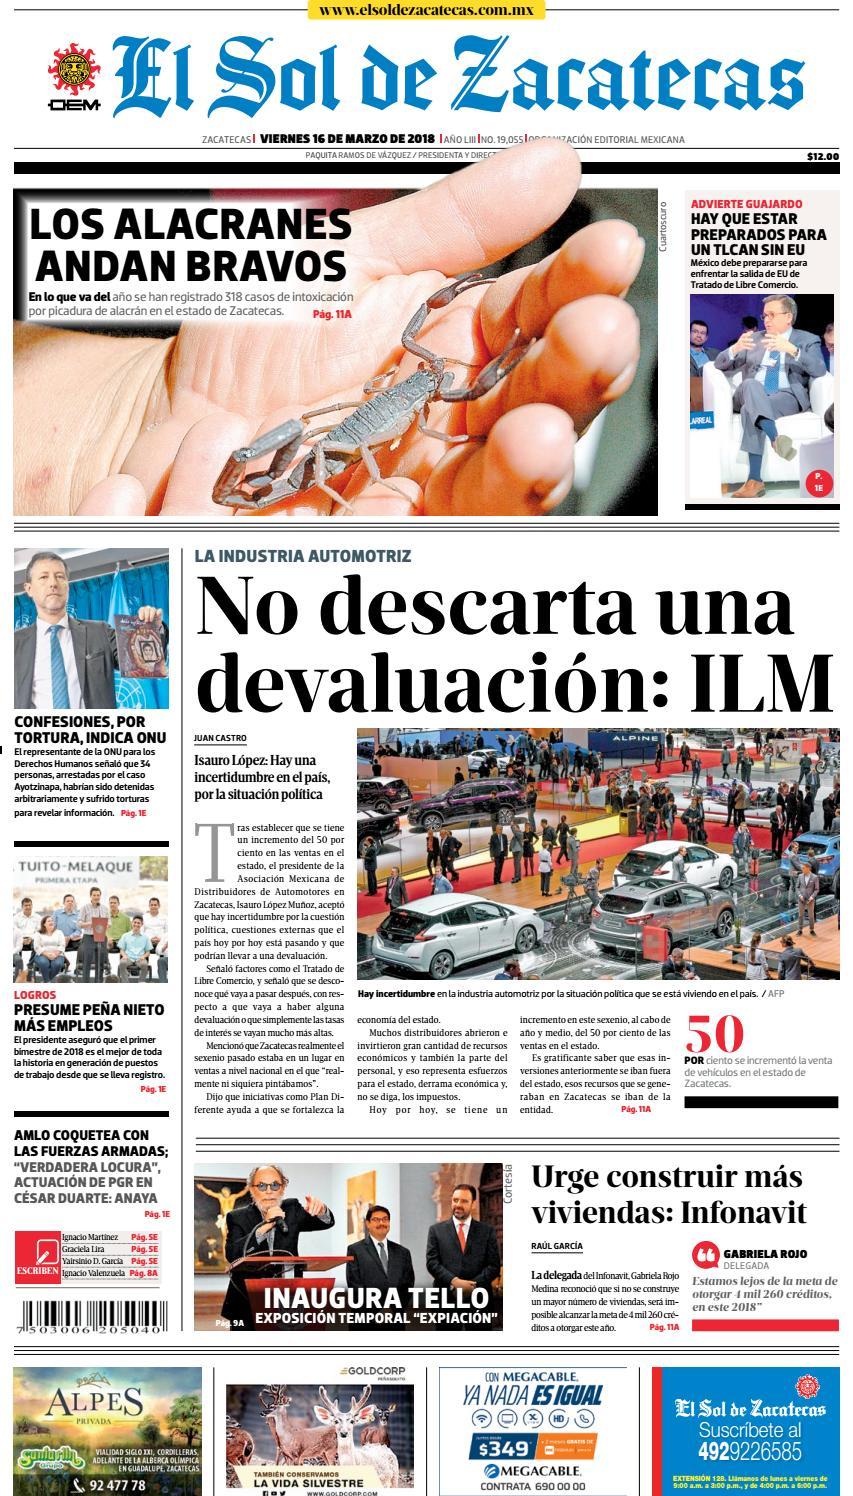 El Sol de Zacatecas 16 de marzo 2018 by El Sol de Zacatecas - issuu